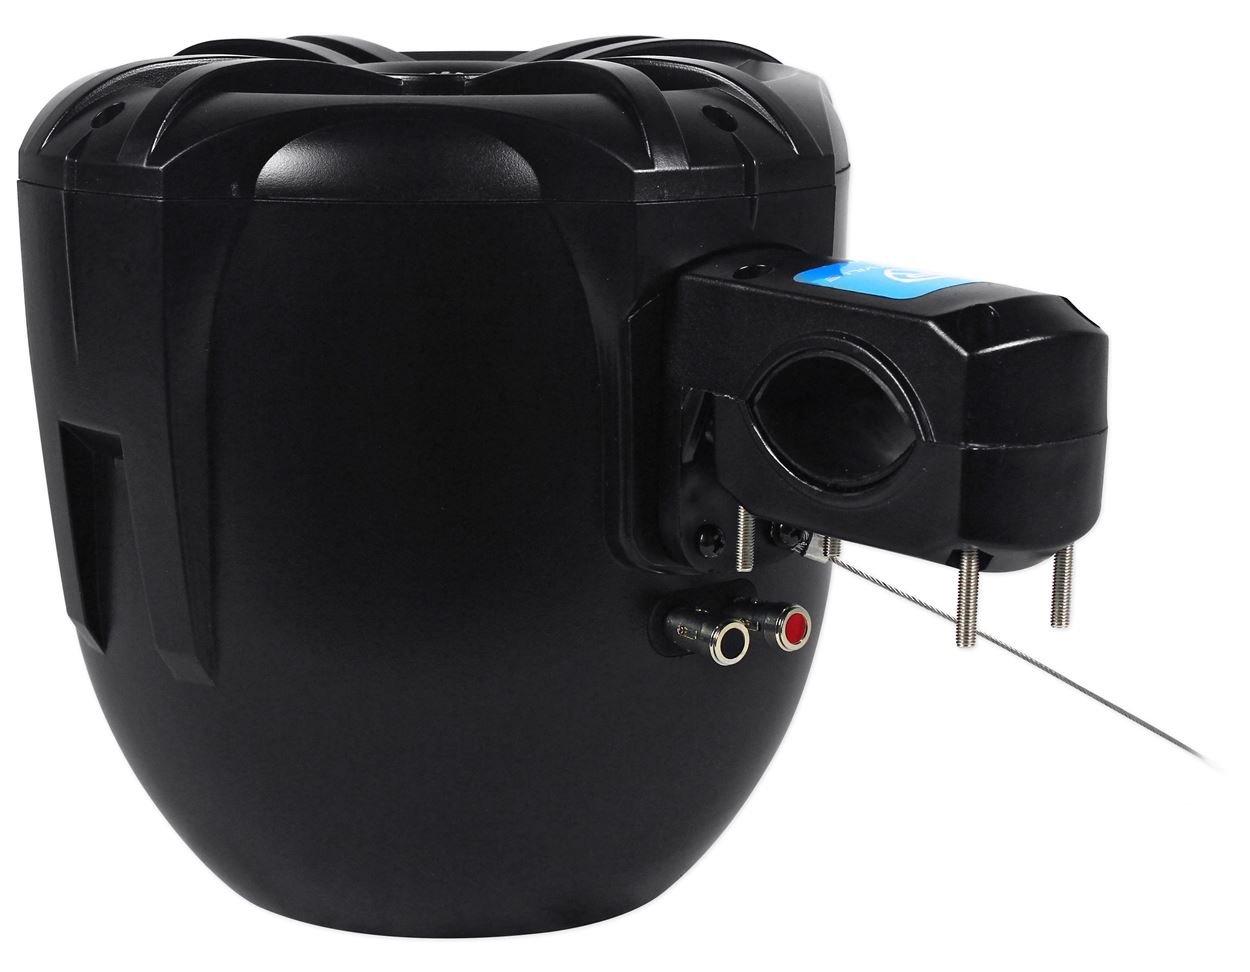 Rockville 2 Easymount Soundbar Roll Bar Speakers 8 Jeep Tj Sound Wiring 600 W Waterproof For Wrangler Sports Outdoors